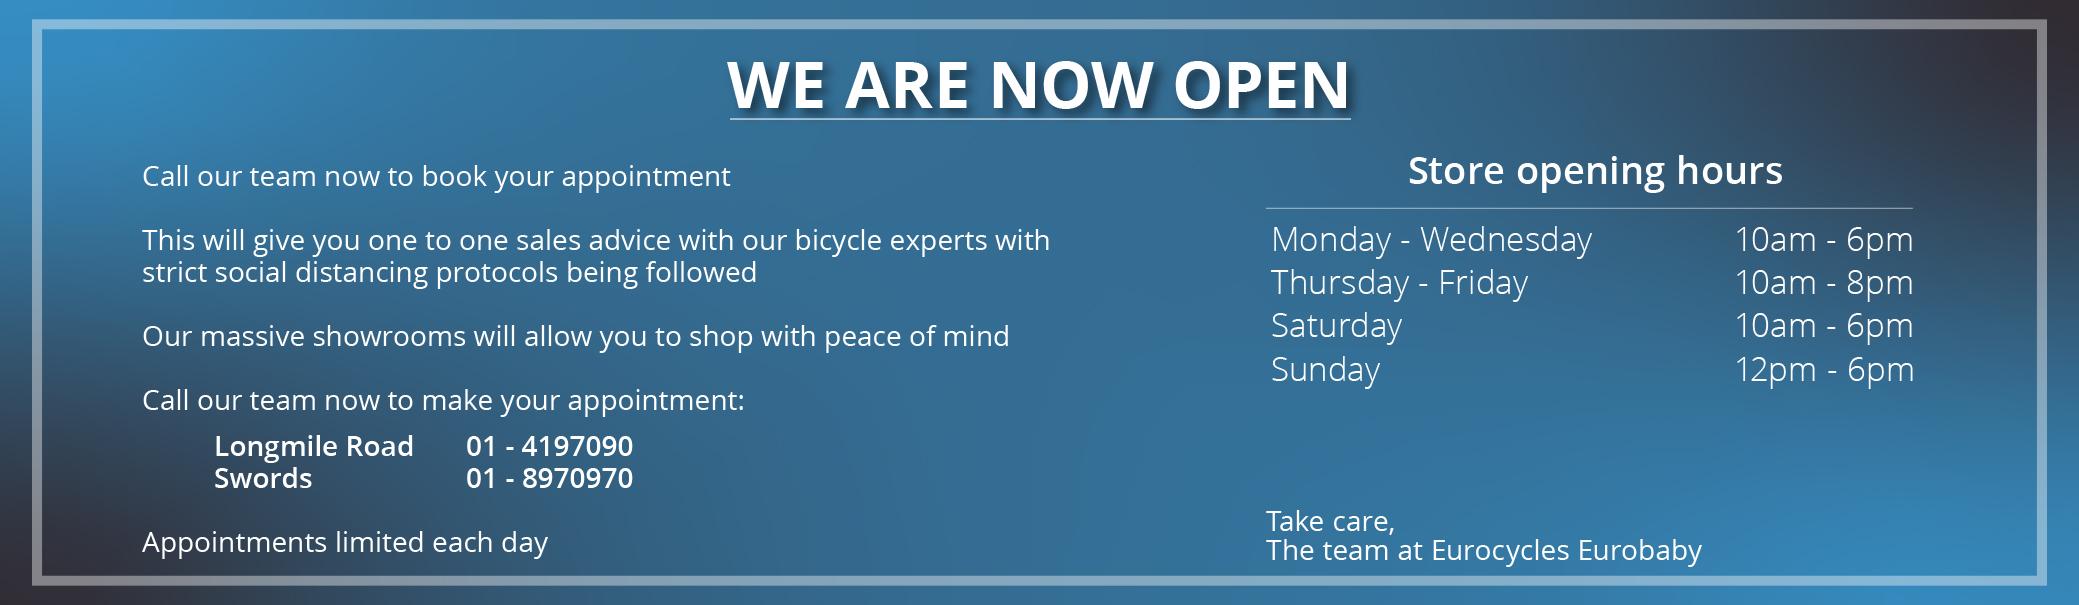 bike shop back open